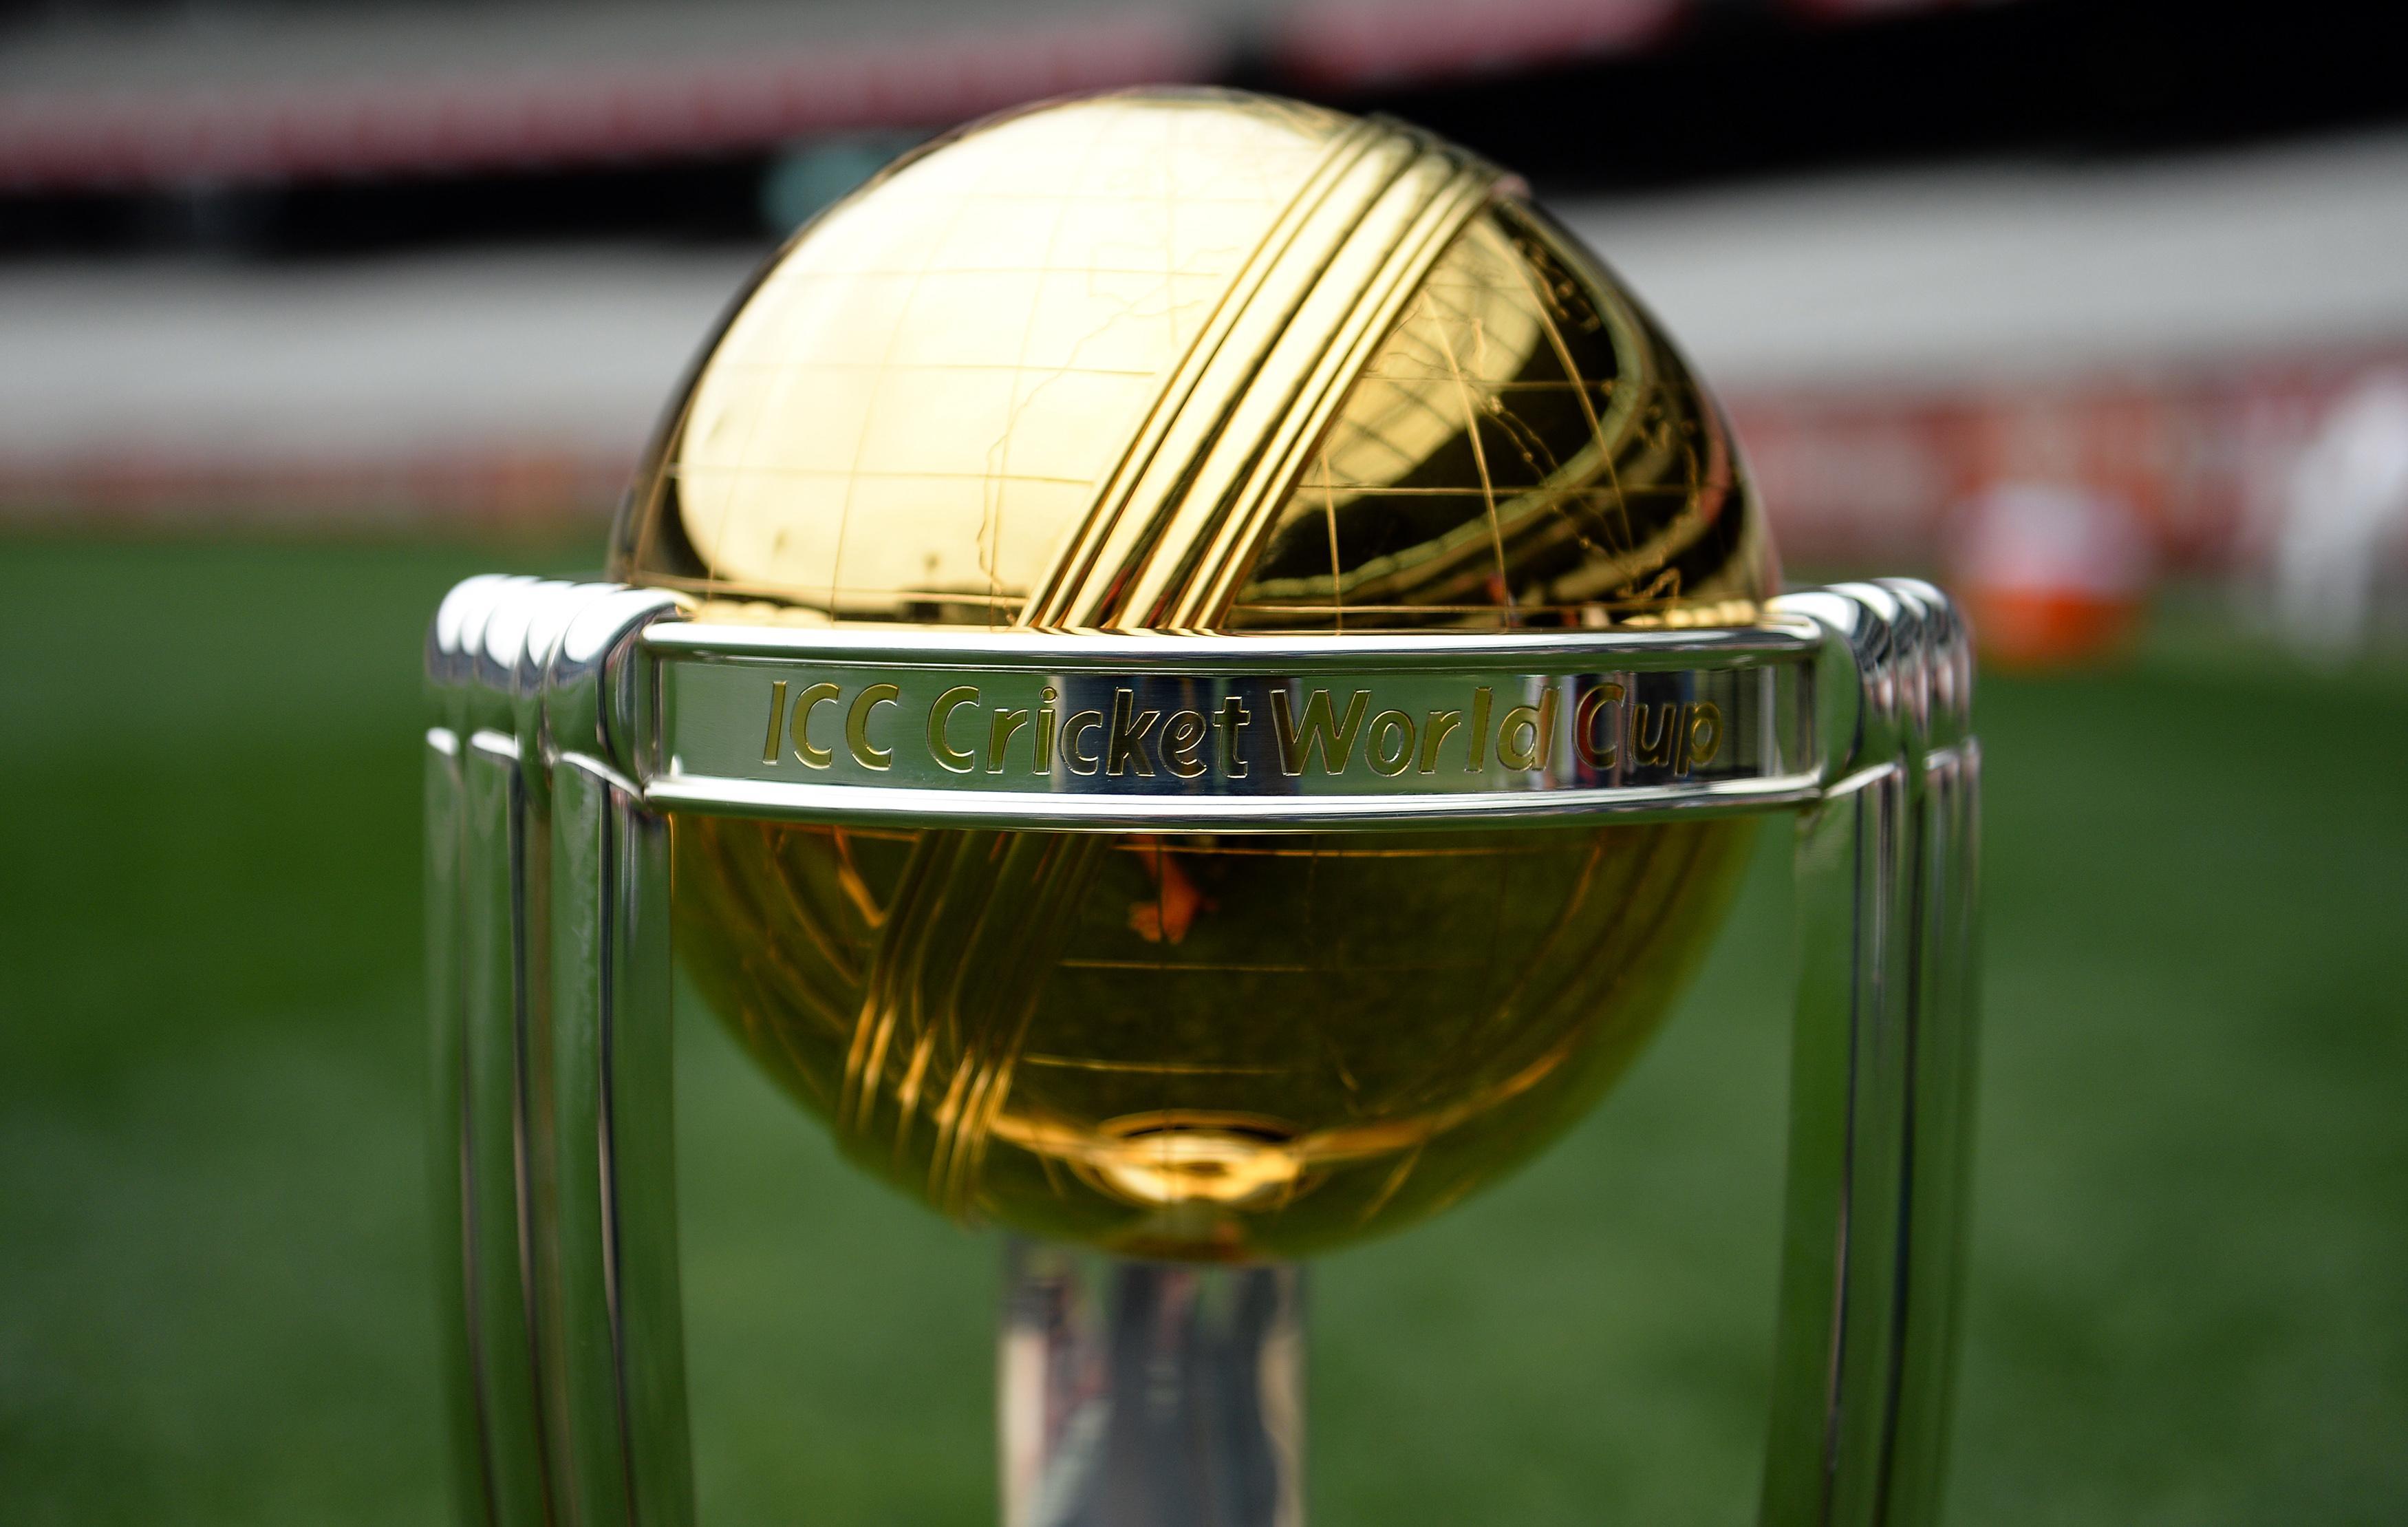 icc world cup qualifier 2019 fixtures